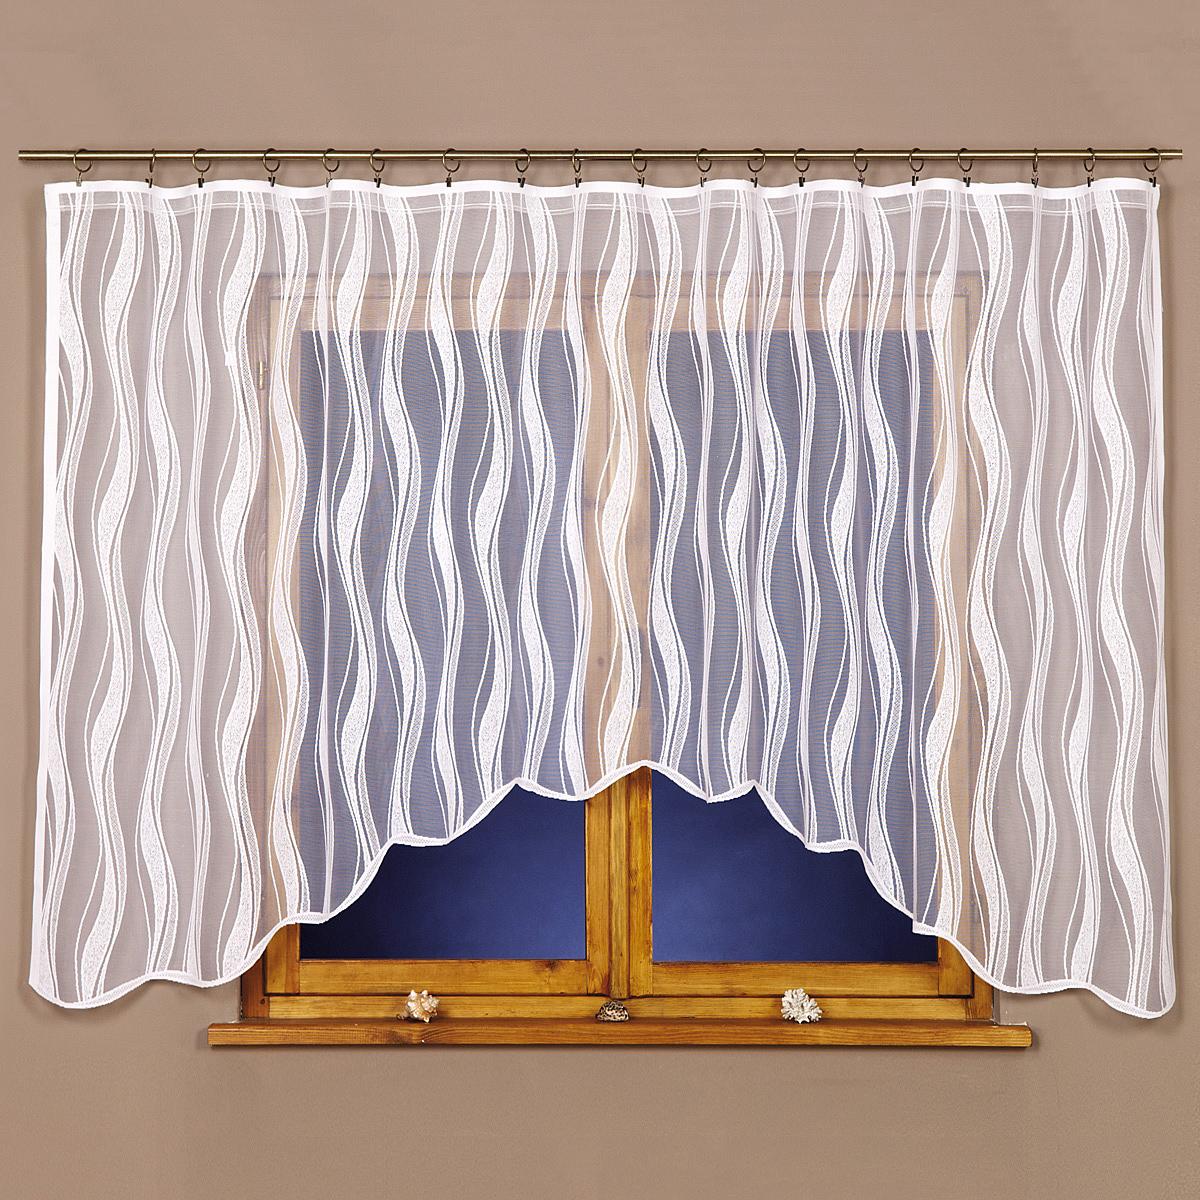 4Home záclona Adriana, 350 x 175 cm